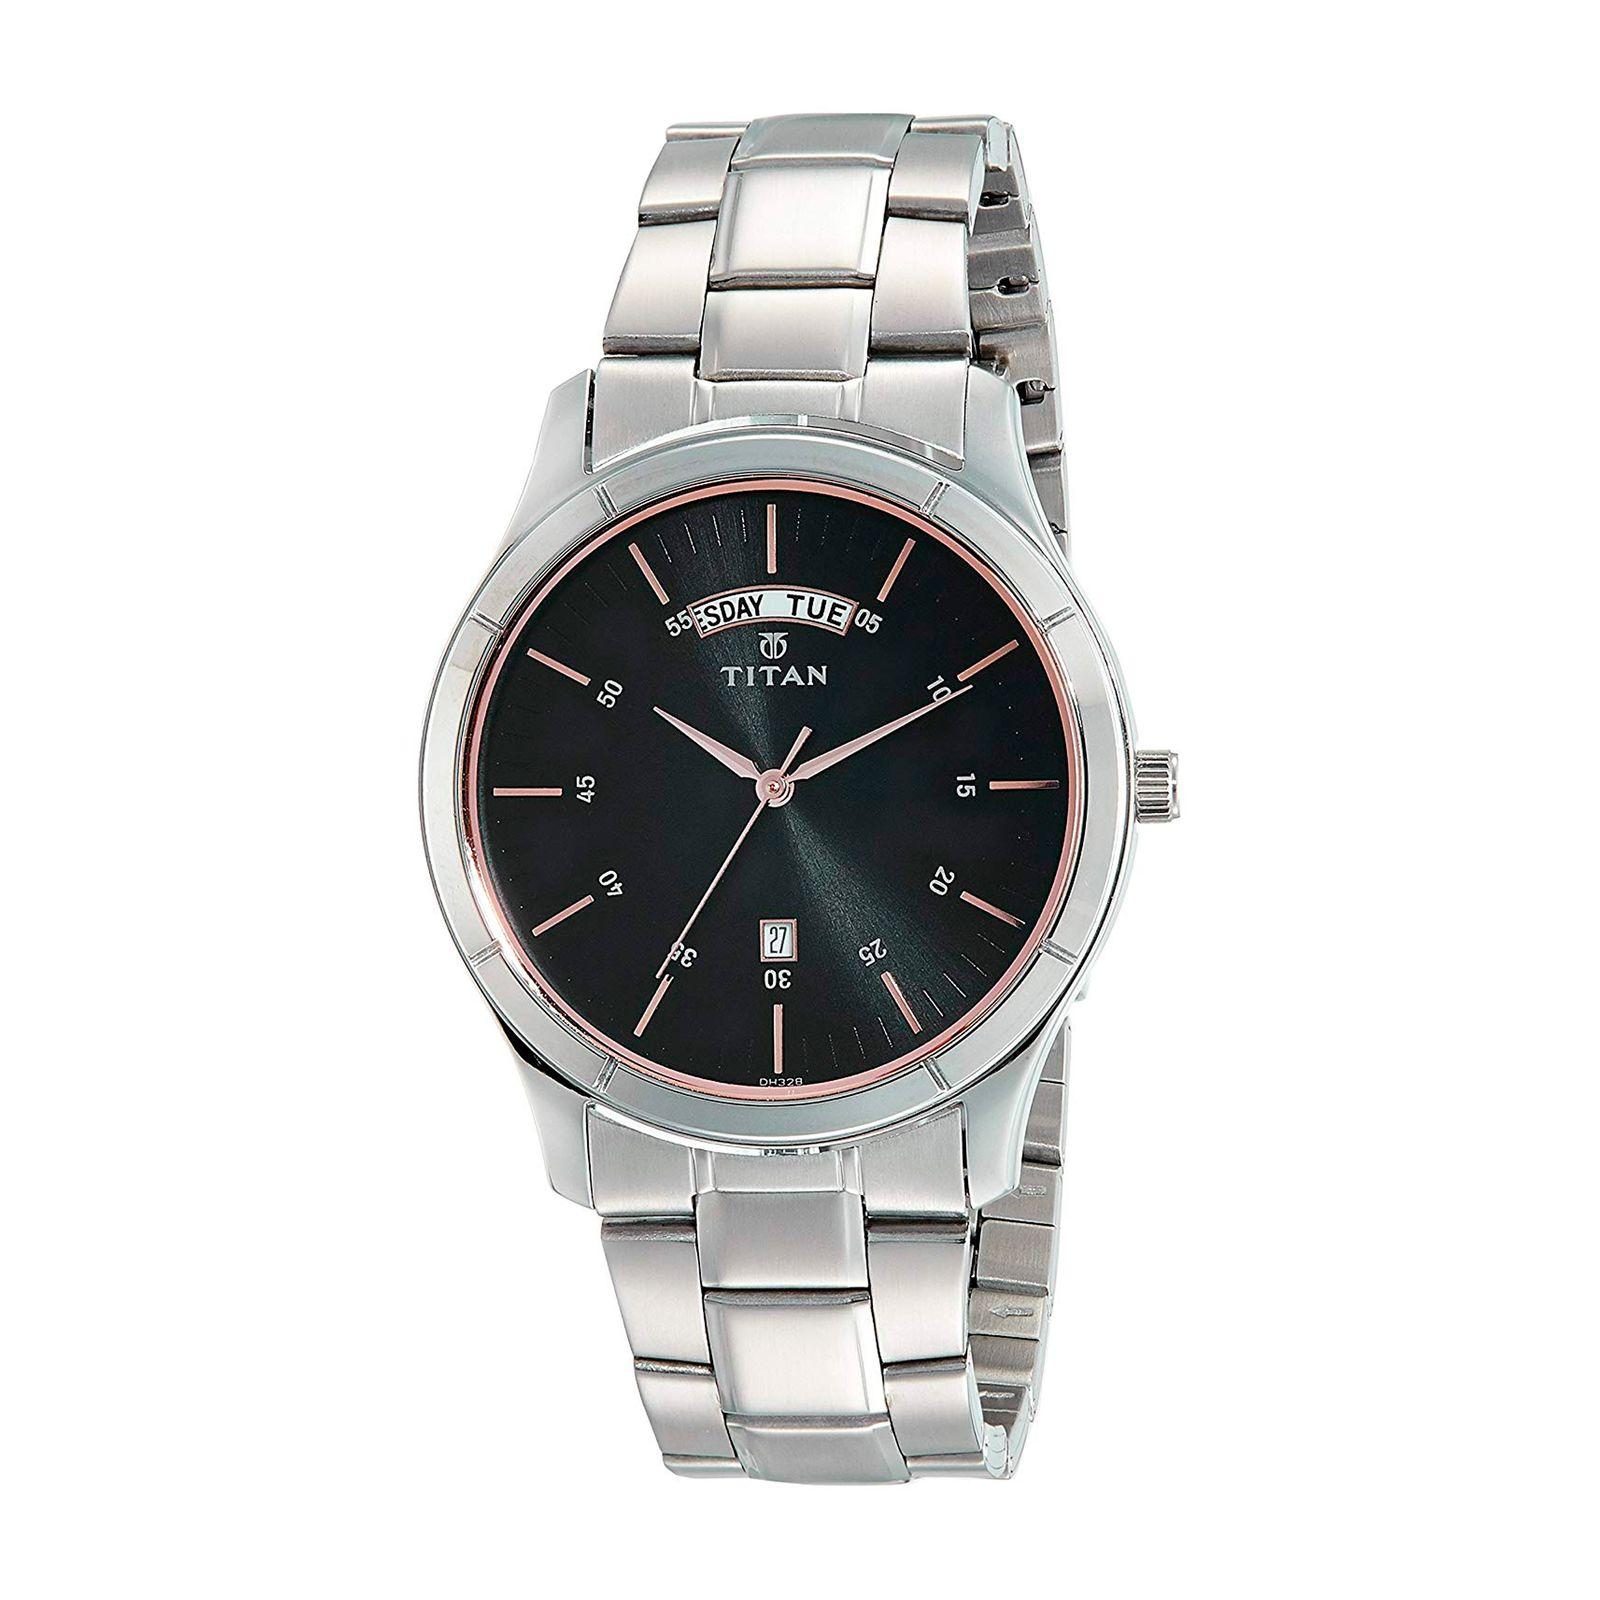 ساعت مچی عقربه ای مردانه تیتان مدل T1767SM02 -  - 2